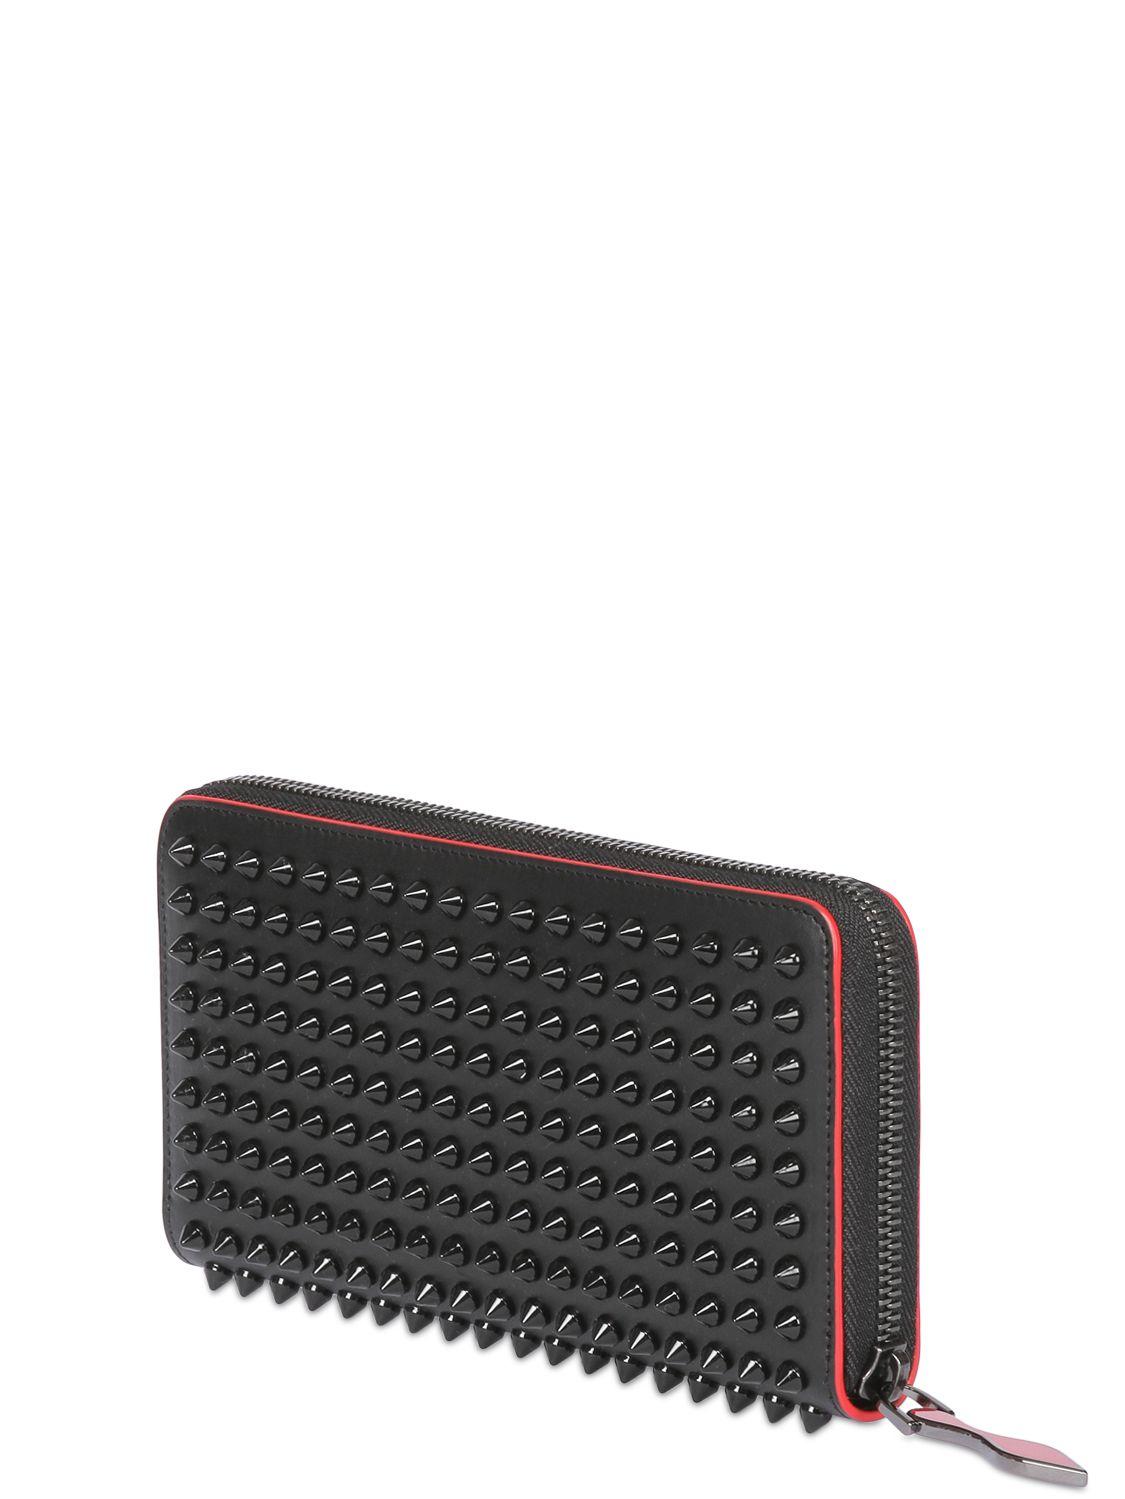 christian louboutin panettone zip around wallet